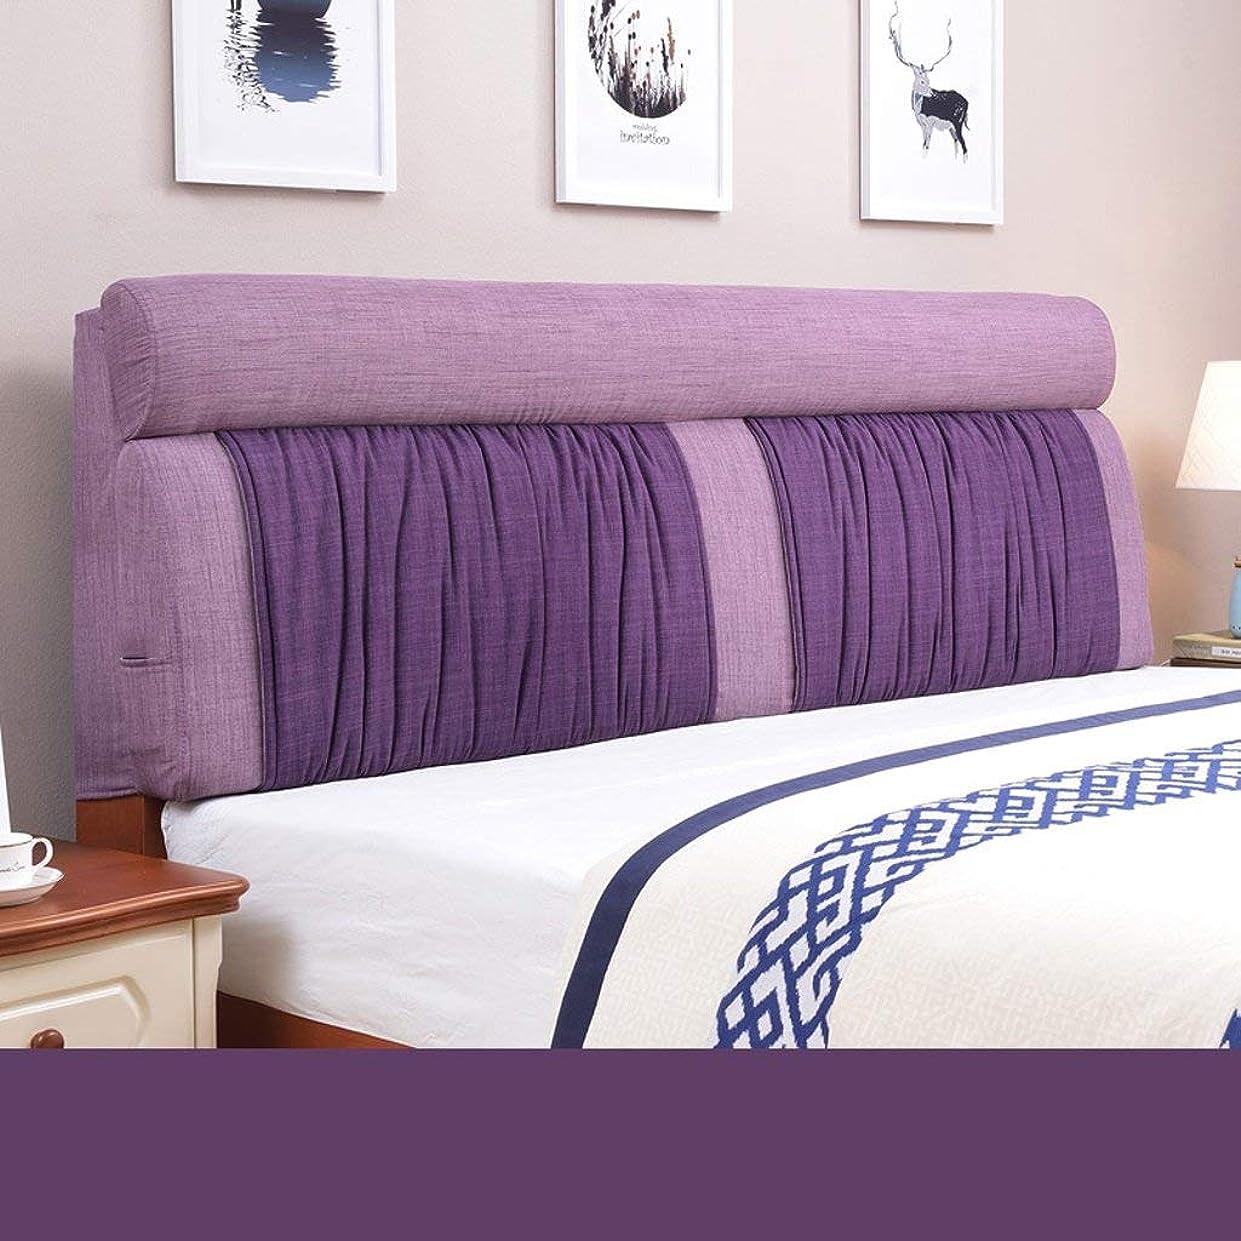 櫛ミケランジェロヒップ31-luoshangqing あと振れ止めの枕/腰椎の枕/クッションのソファーベッドの残りの読書枕贅沢な背部ウエストサポート枕、読書のためのくさびの枕60 * 155cm (Color : K)